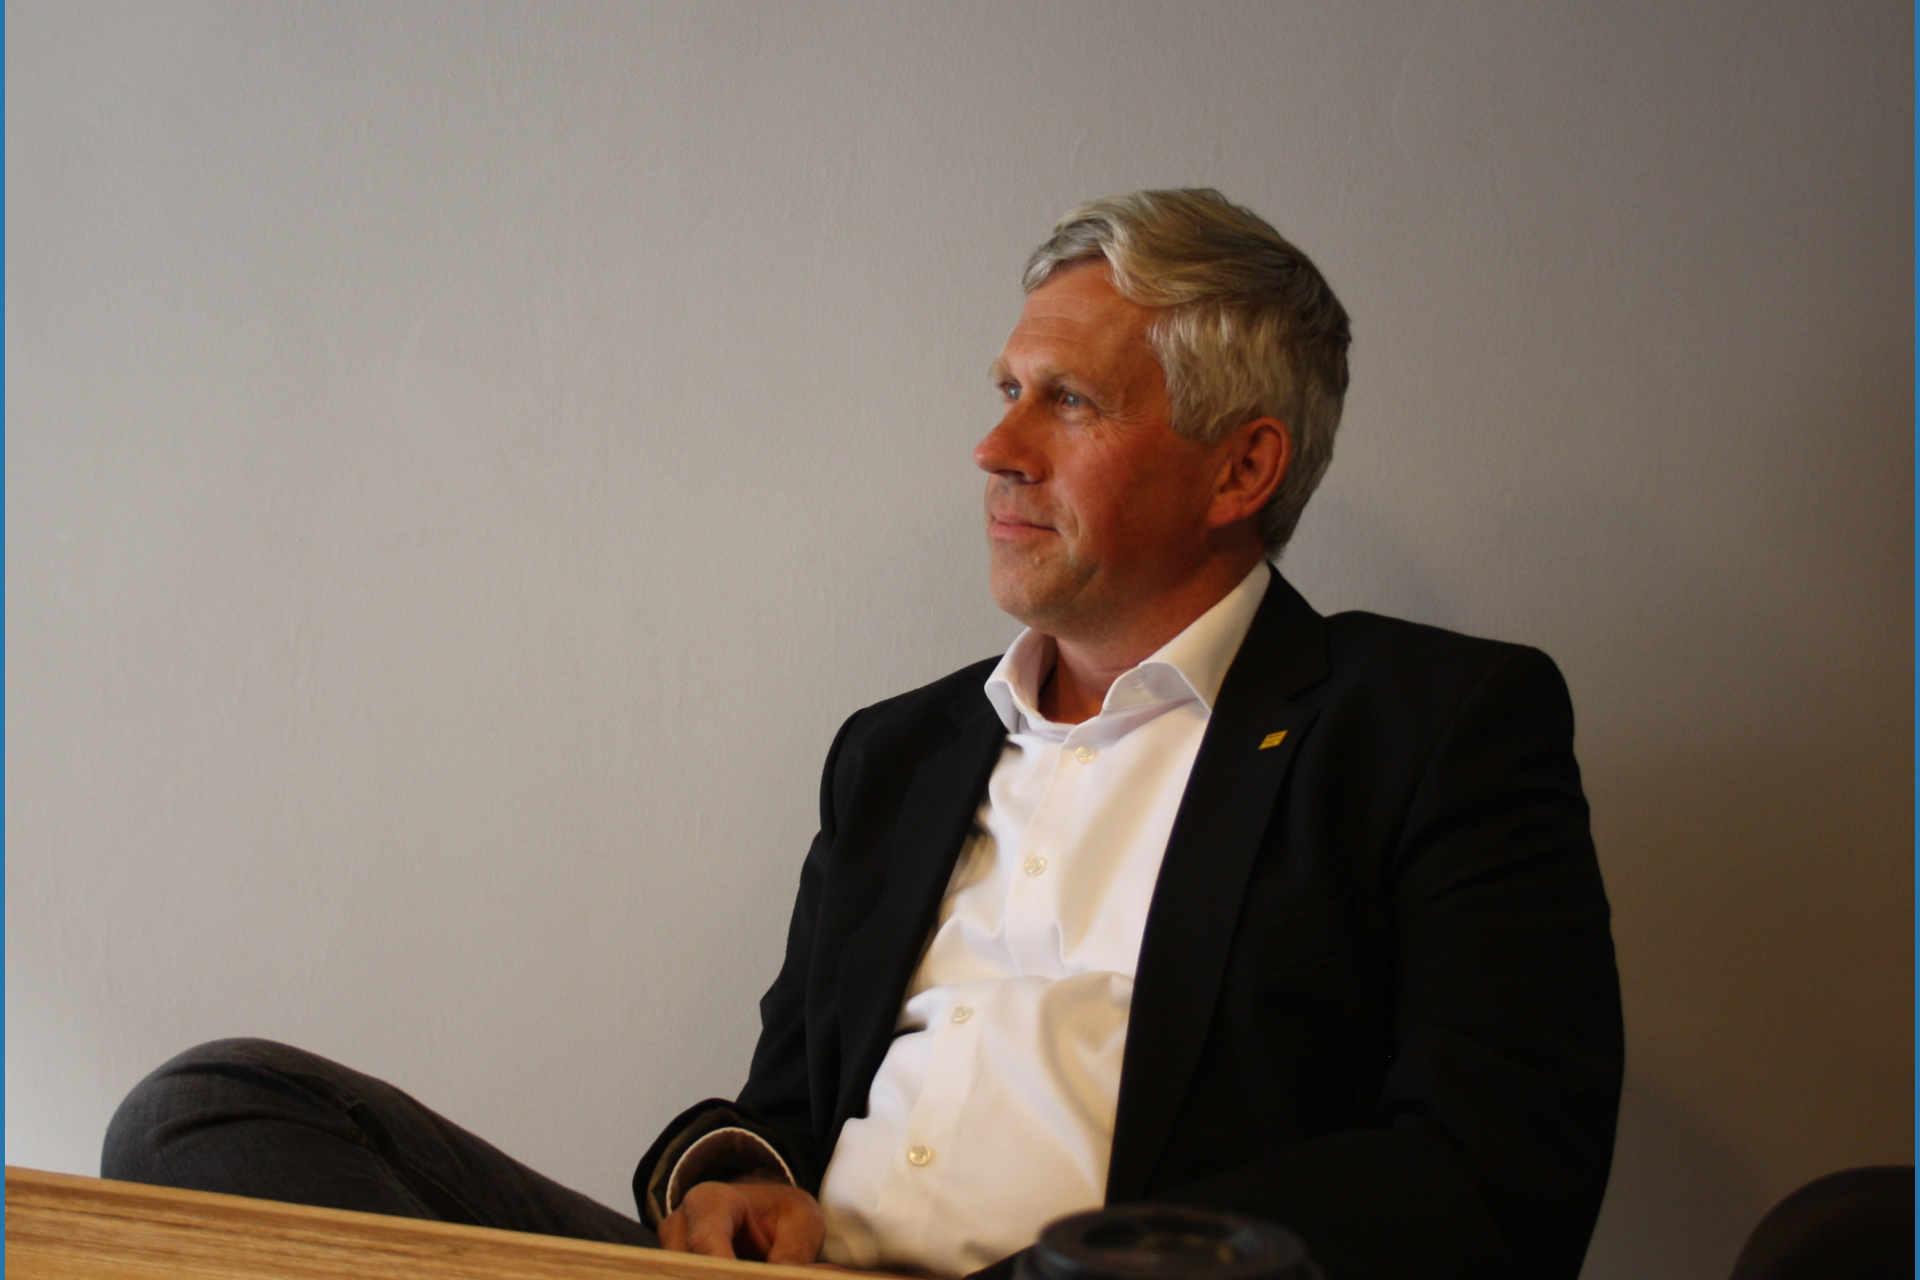 Carsten Piellusch